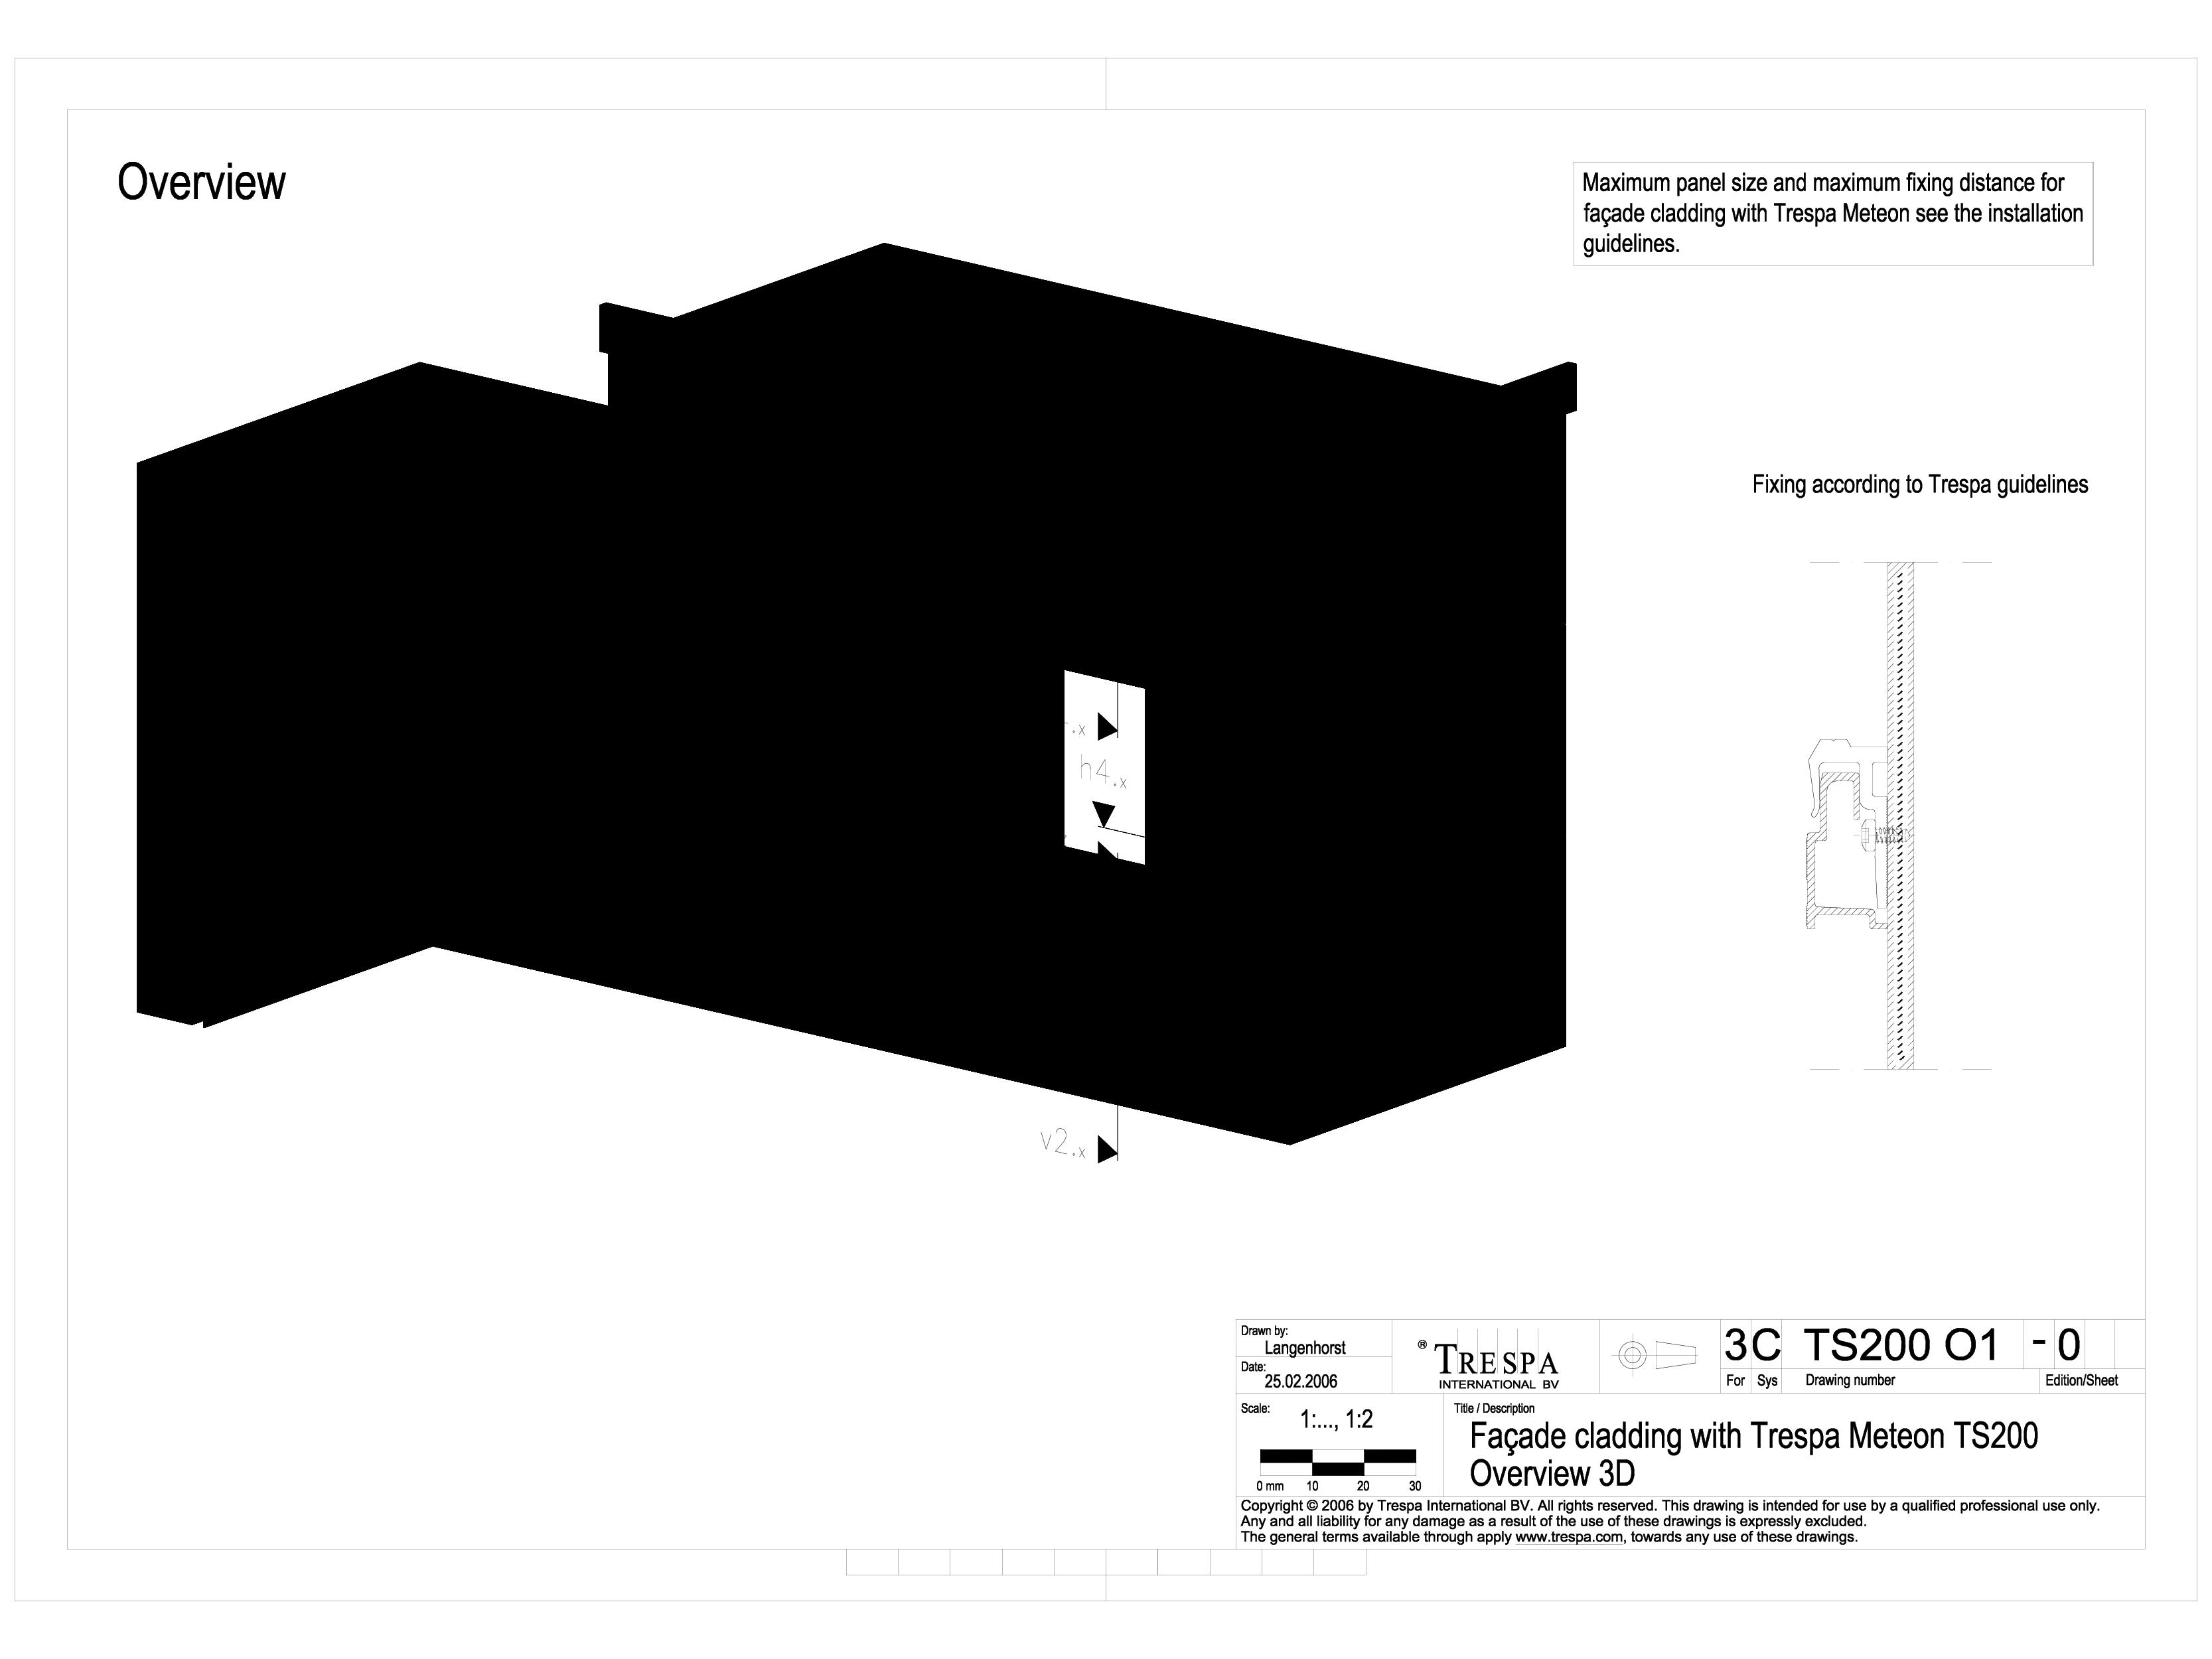 Sisteme de prindere fatade ventilate invizibile cu suruburi si insereturi, detaliu 3D METEON TRESPA Placi HPL pentru fatade ventilate GIBB TECHNOLOGIES  - Pagina 1